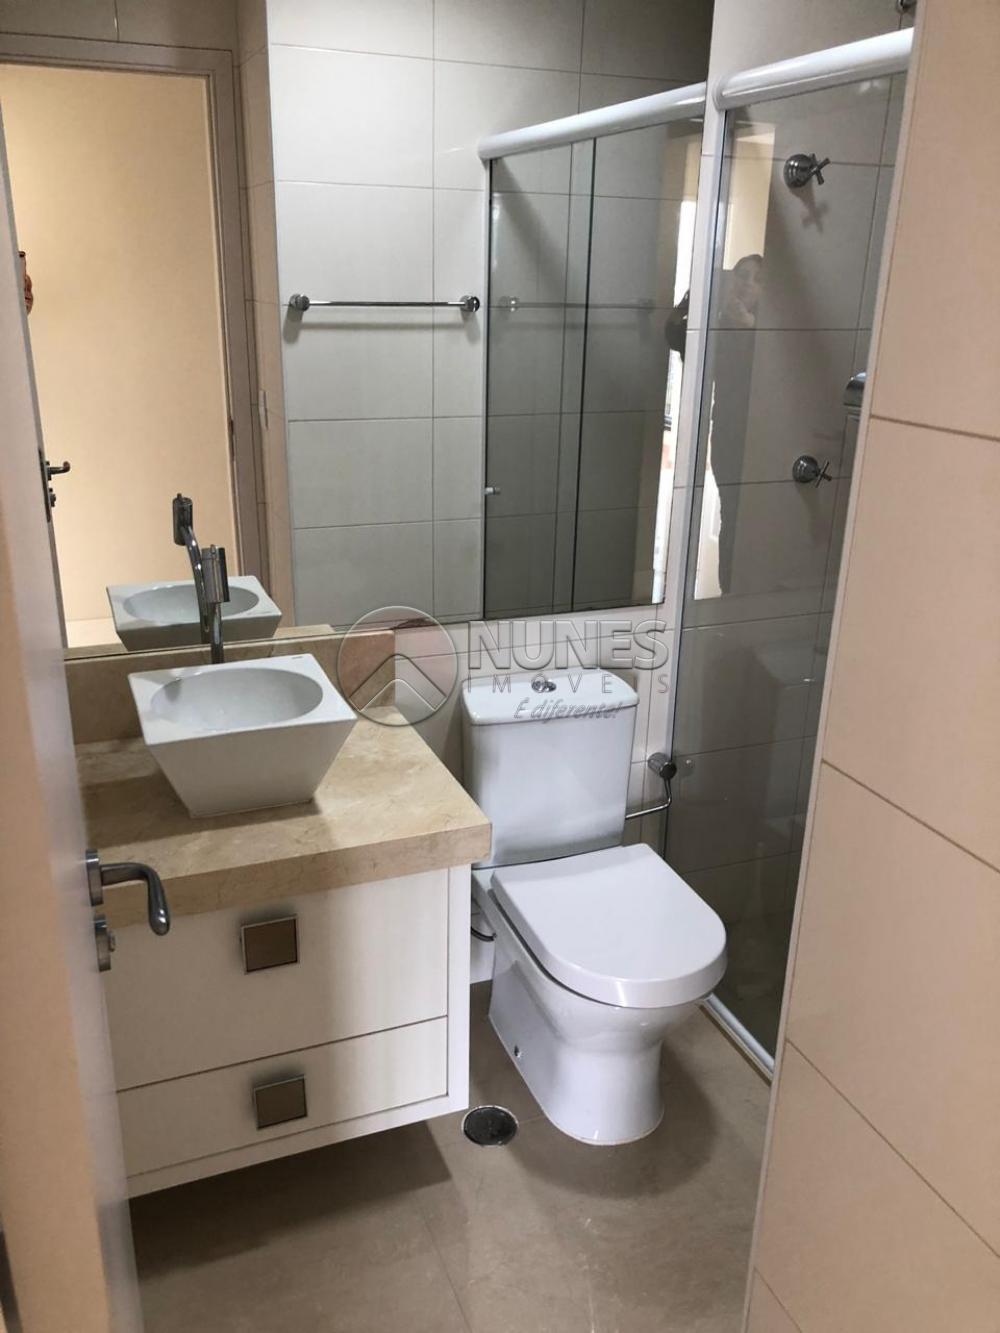 Comprar Apartamento / Padrão em Barueri apenas R$ 520.000,00 - Foto 19